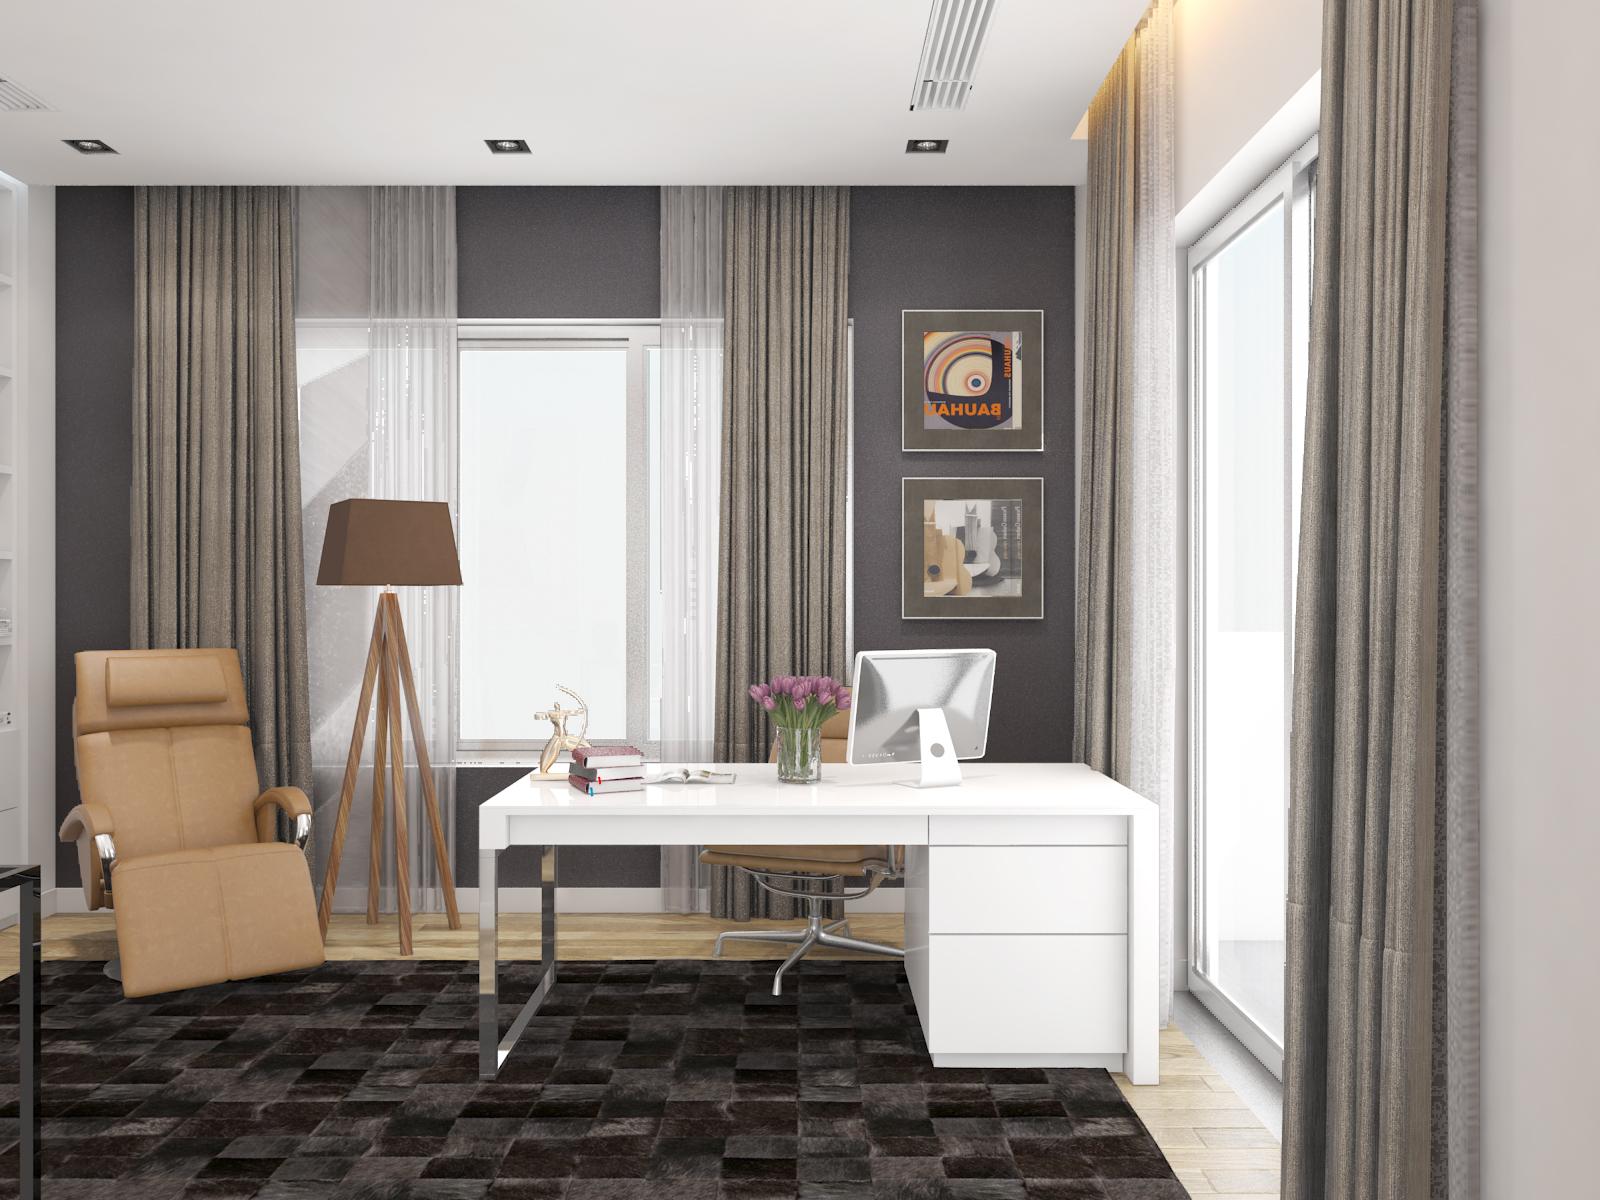 thiết kế nội thất Biệt Thự tại Hà Nội bt Vinhomes - riverside 40 1568085368